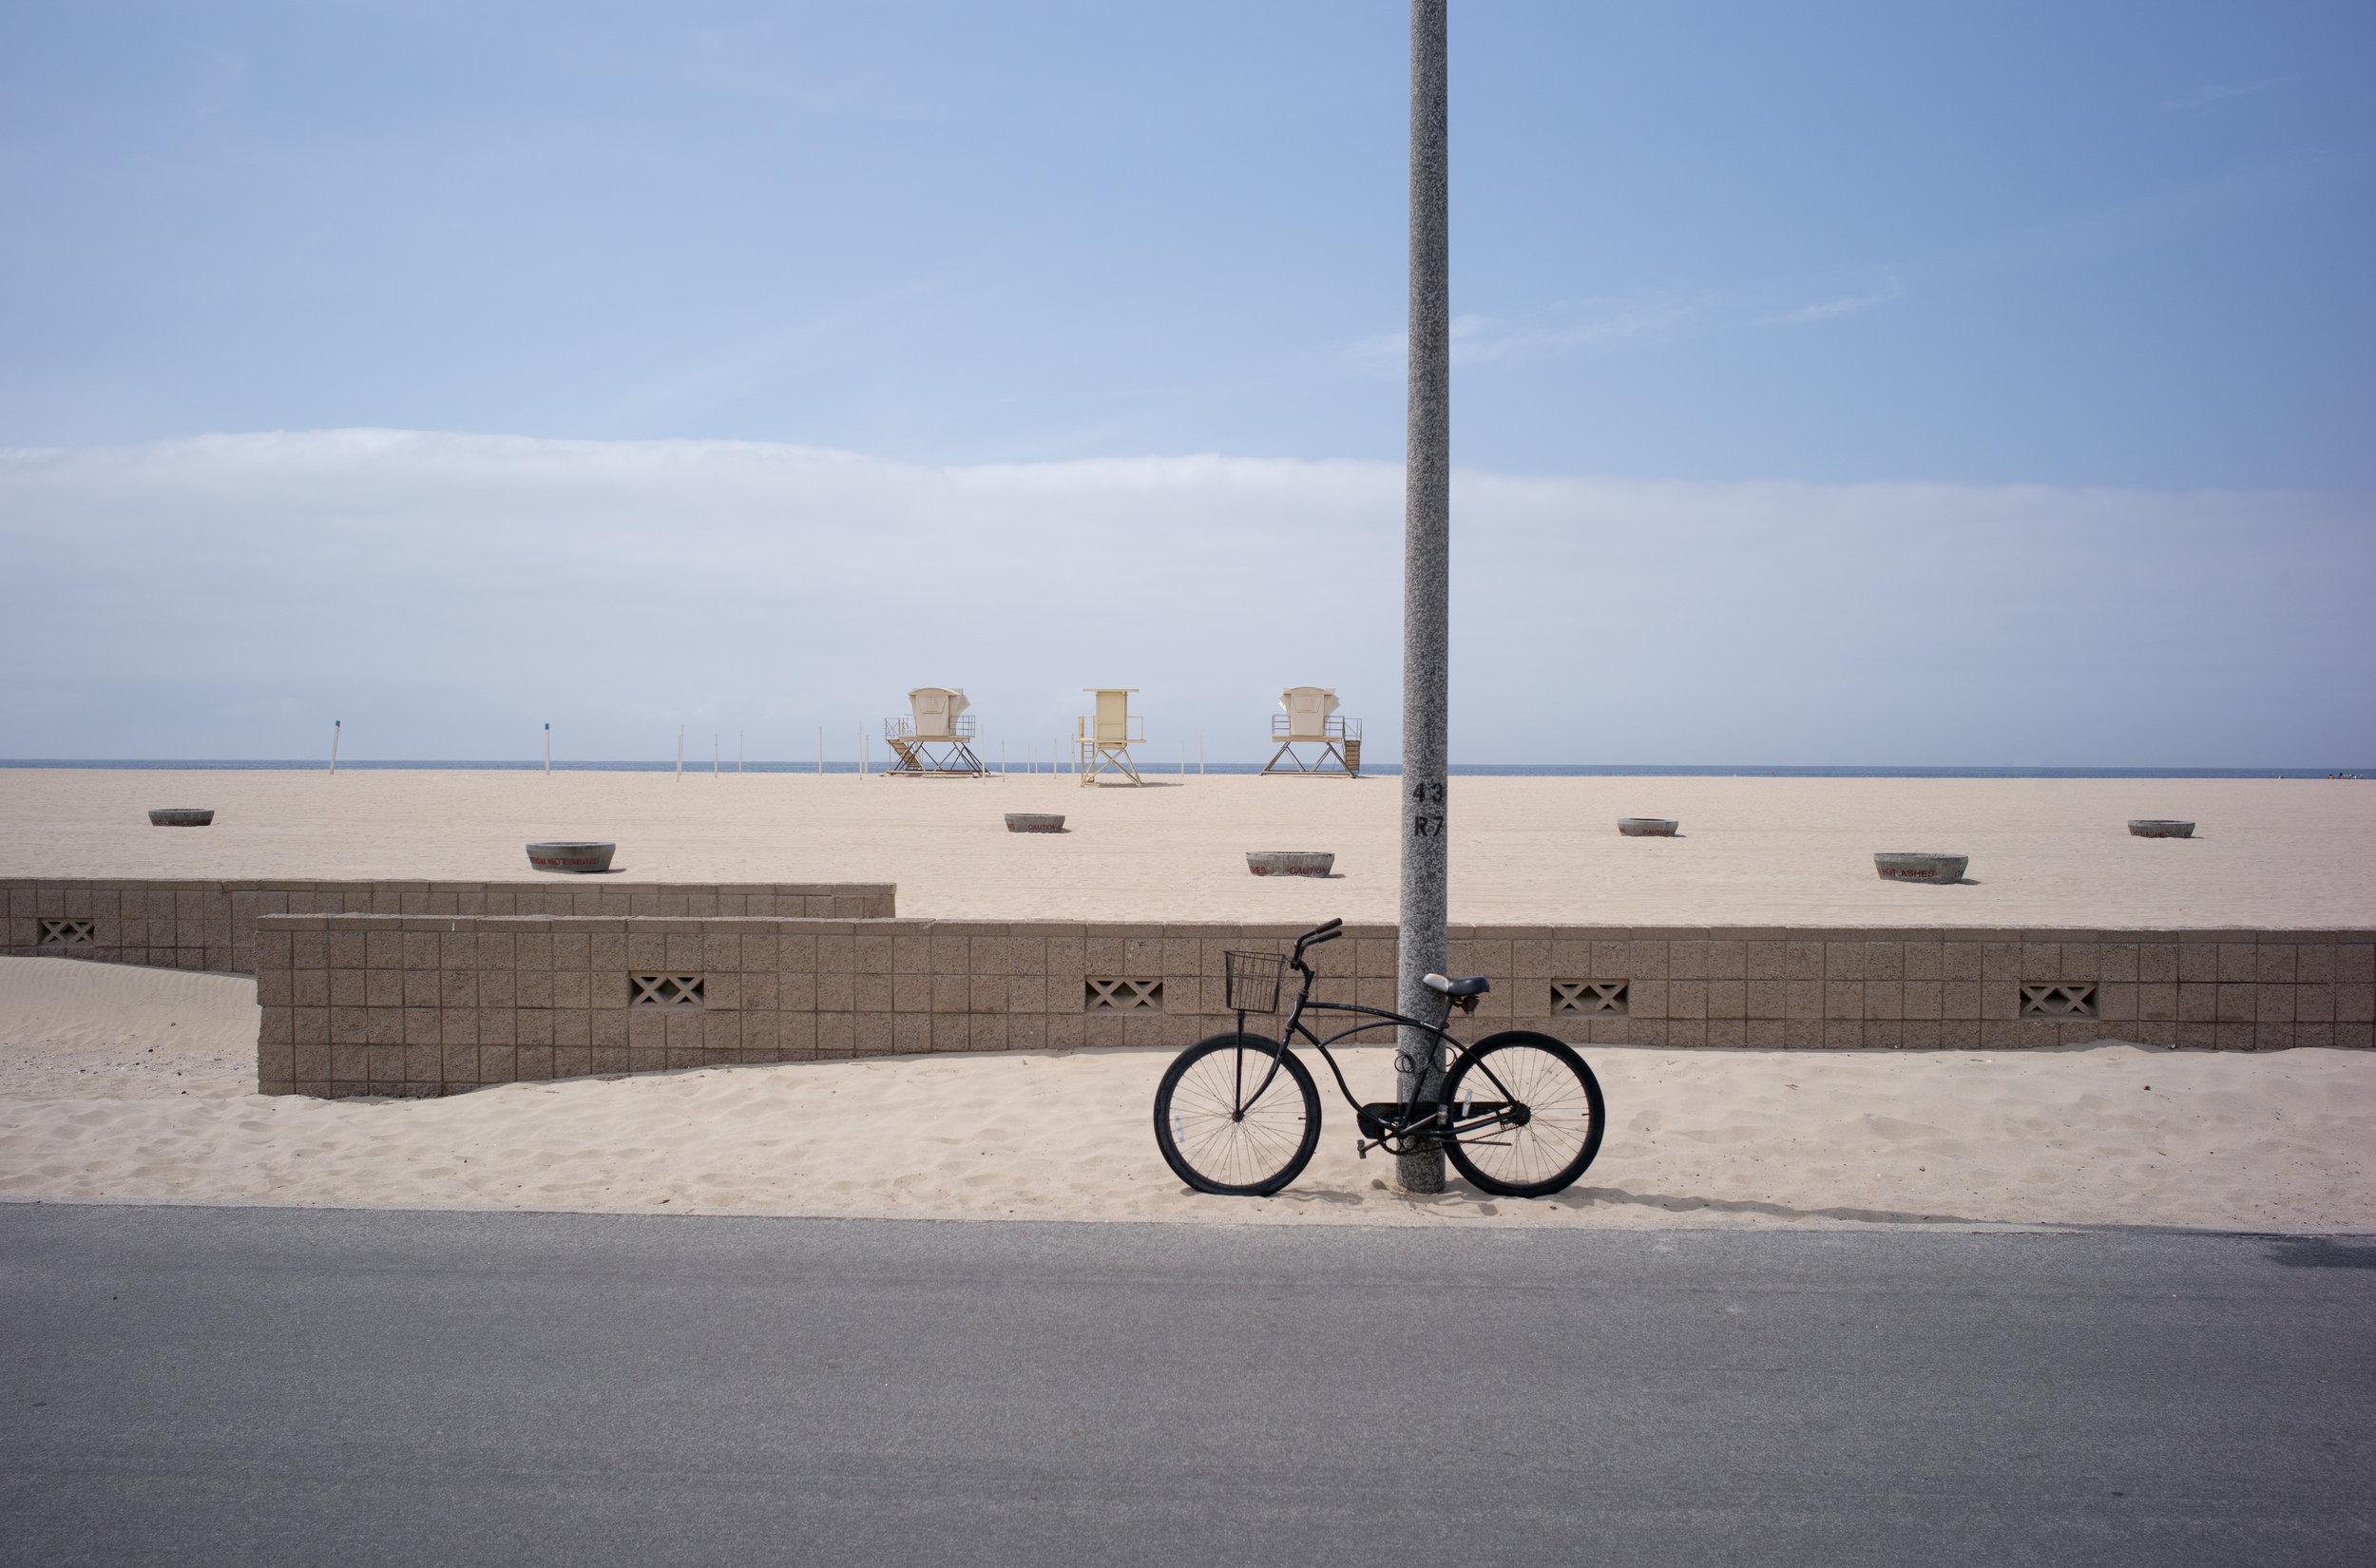 Deserted Summer